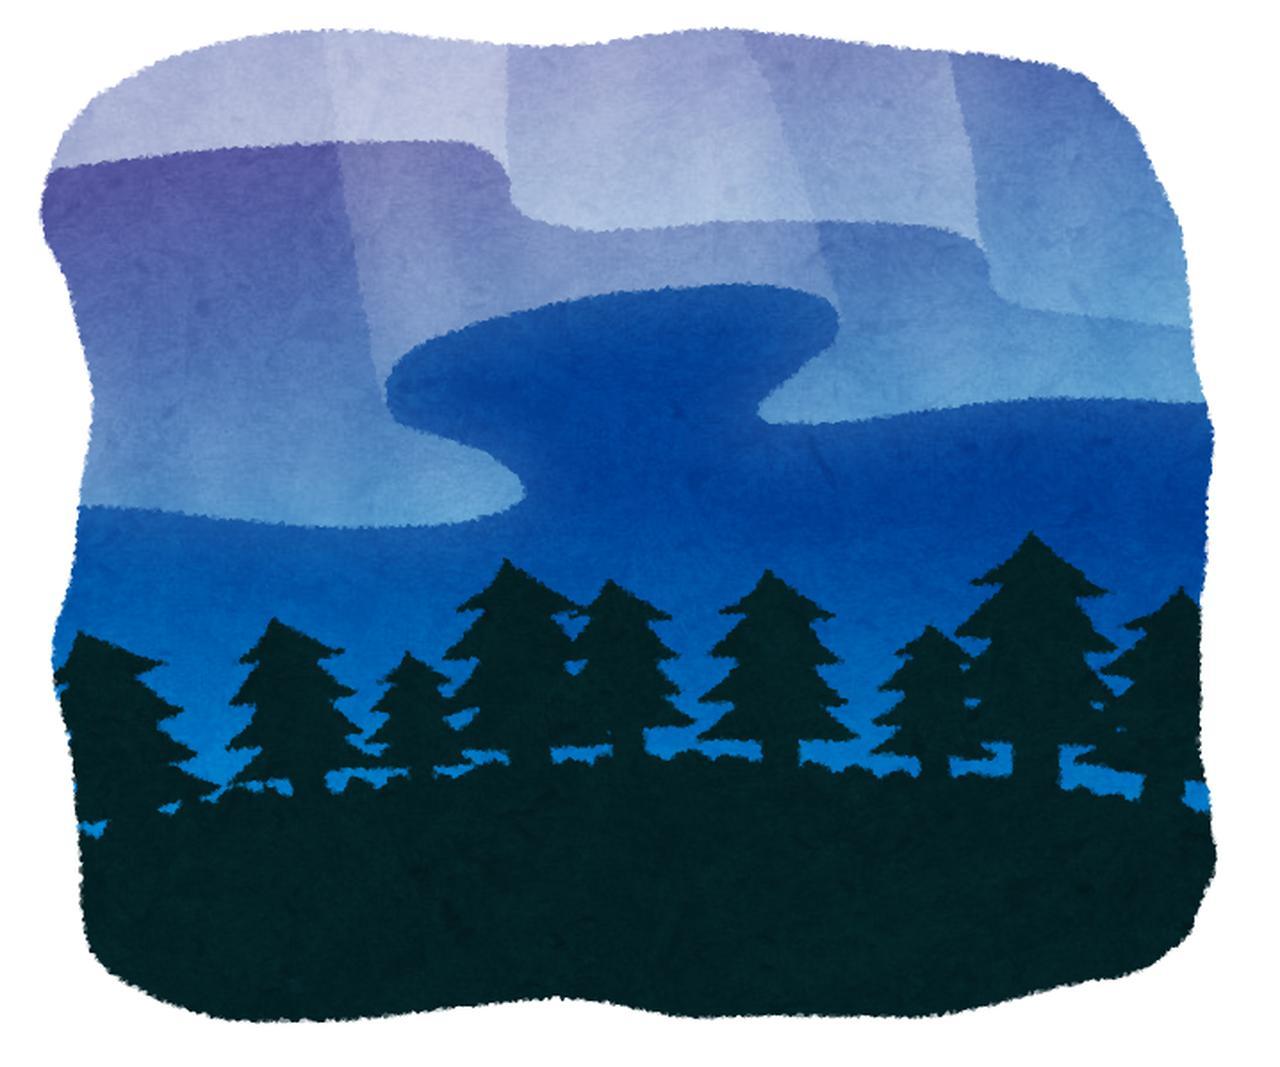 画像4: 夜を美しくする〇〇シリーズ<第5回>前編『夜空に広がる光の帯!感動のオーロラ ヨーロッパ編』【好奇心で旅する海外】<夜空の物語>